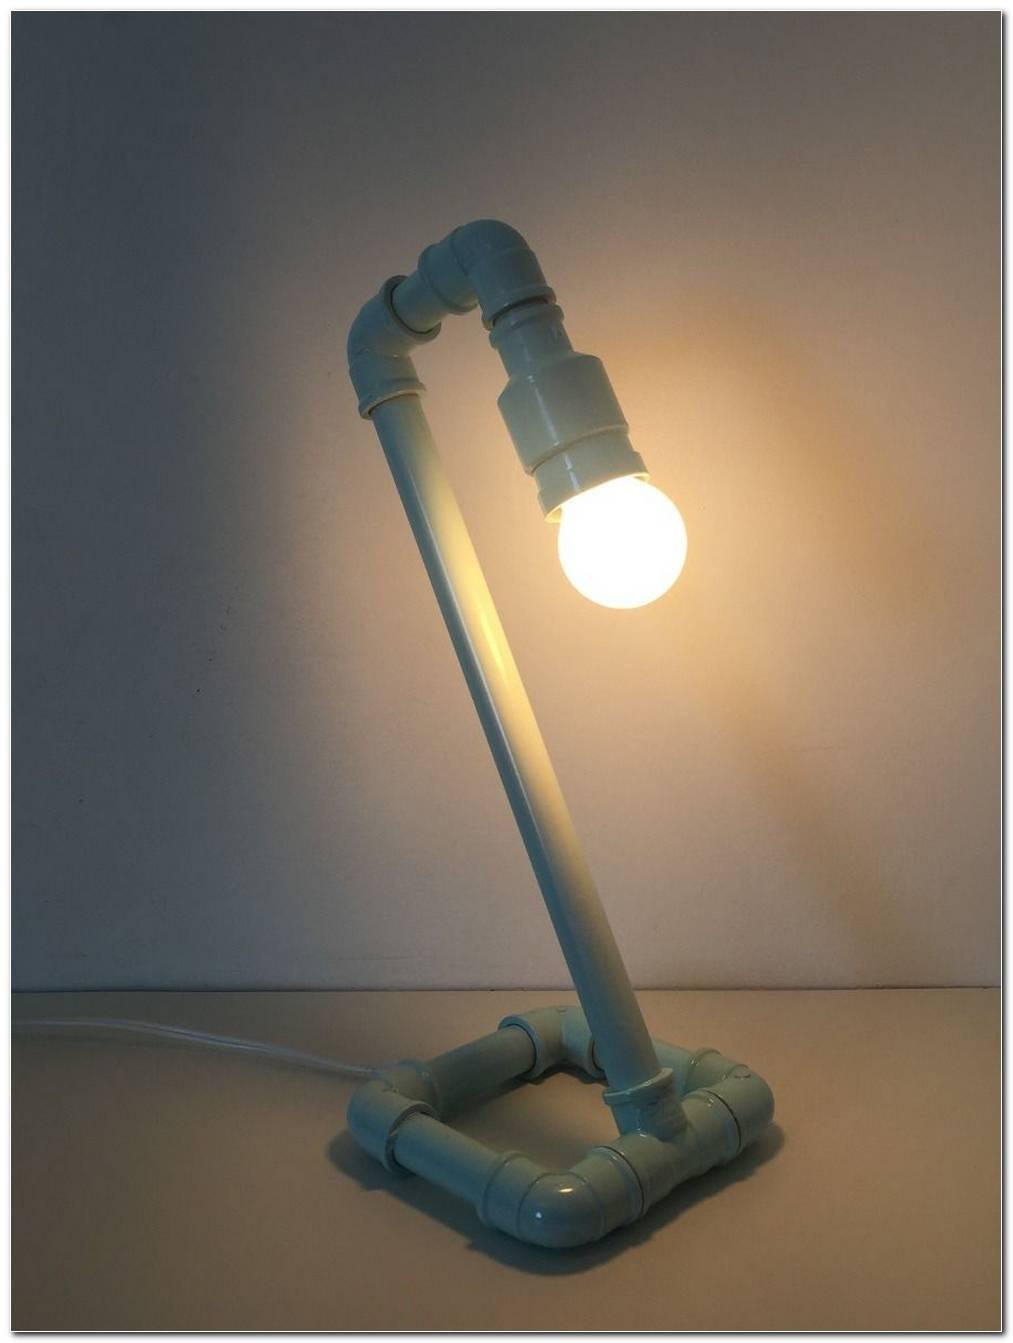 Luminária De Pvc Saiba Como Fazer E Veja Modelos Criativos